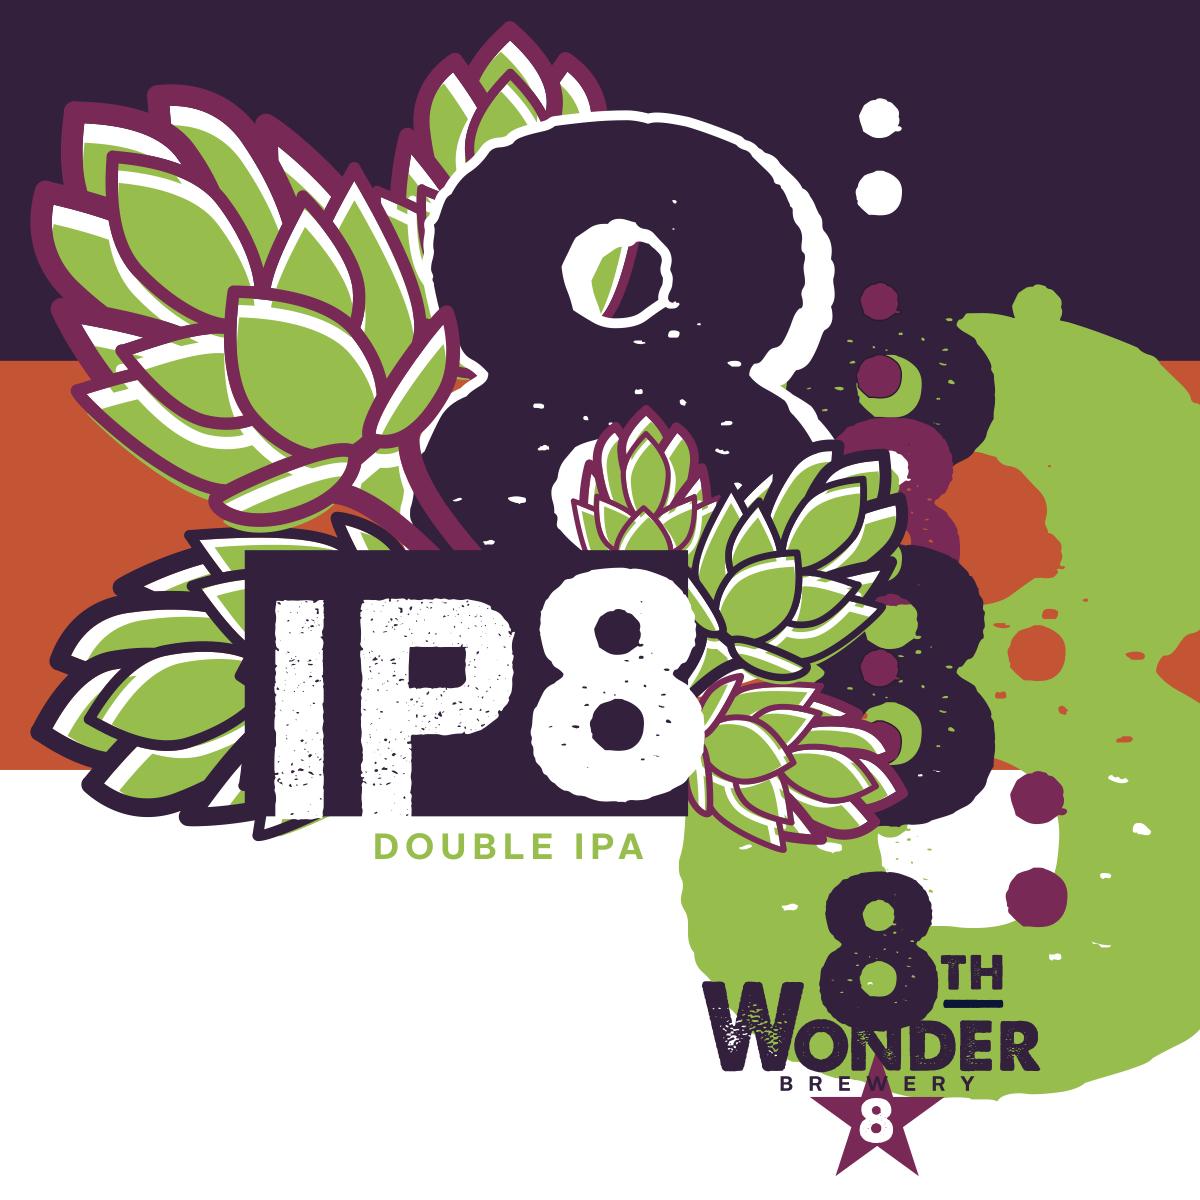 IP8.jpg